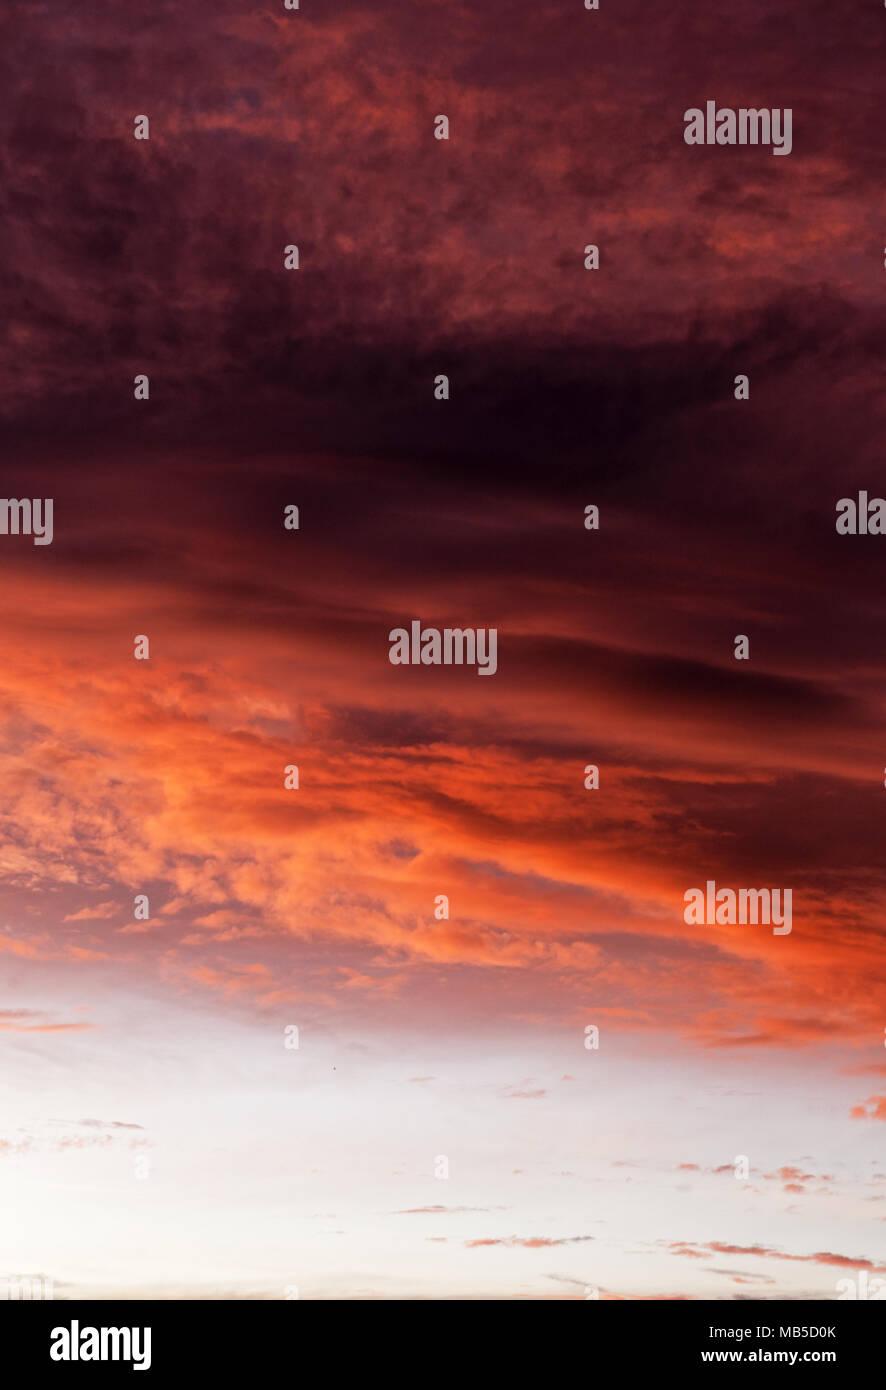 Tramonto spettacolare Sky con cielo di sera le nuvole illuminate dalla luce del sole Immagini Stock